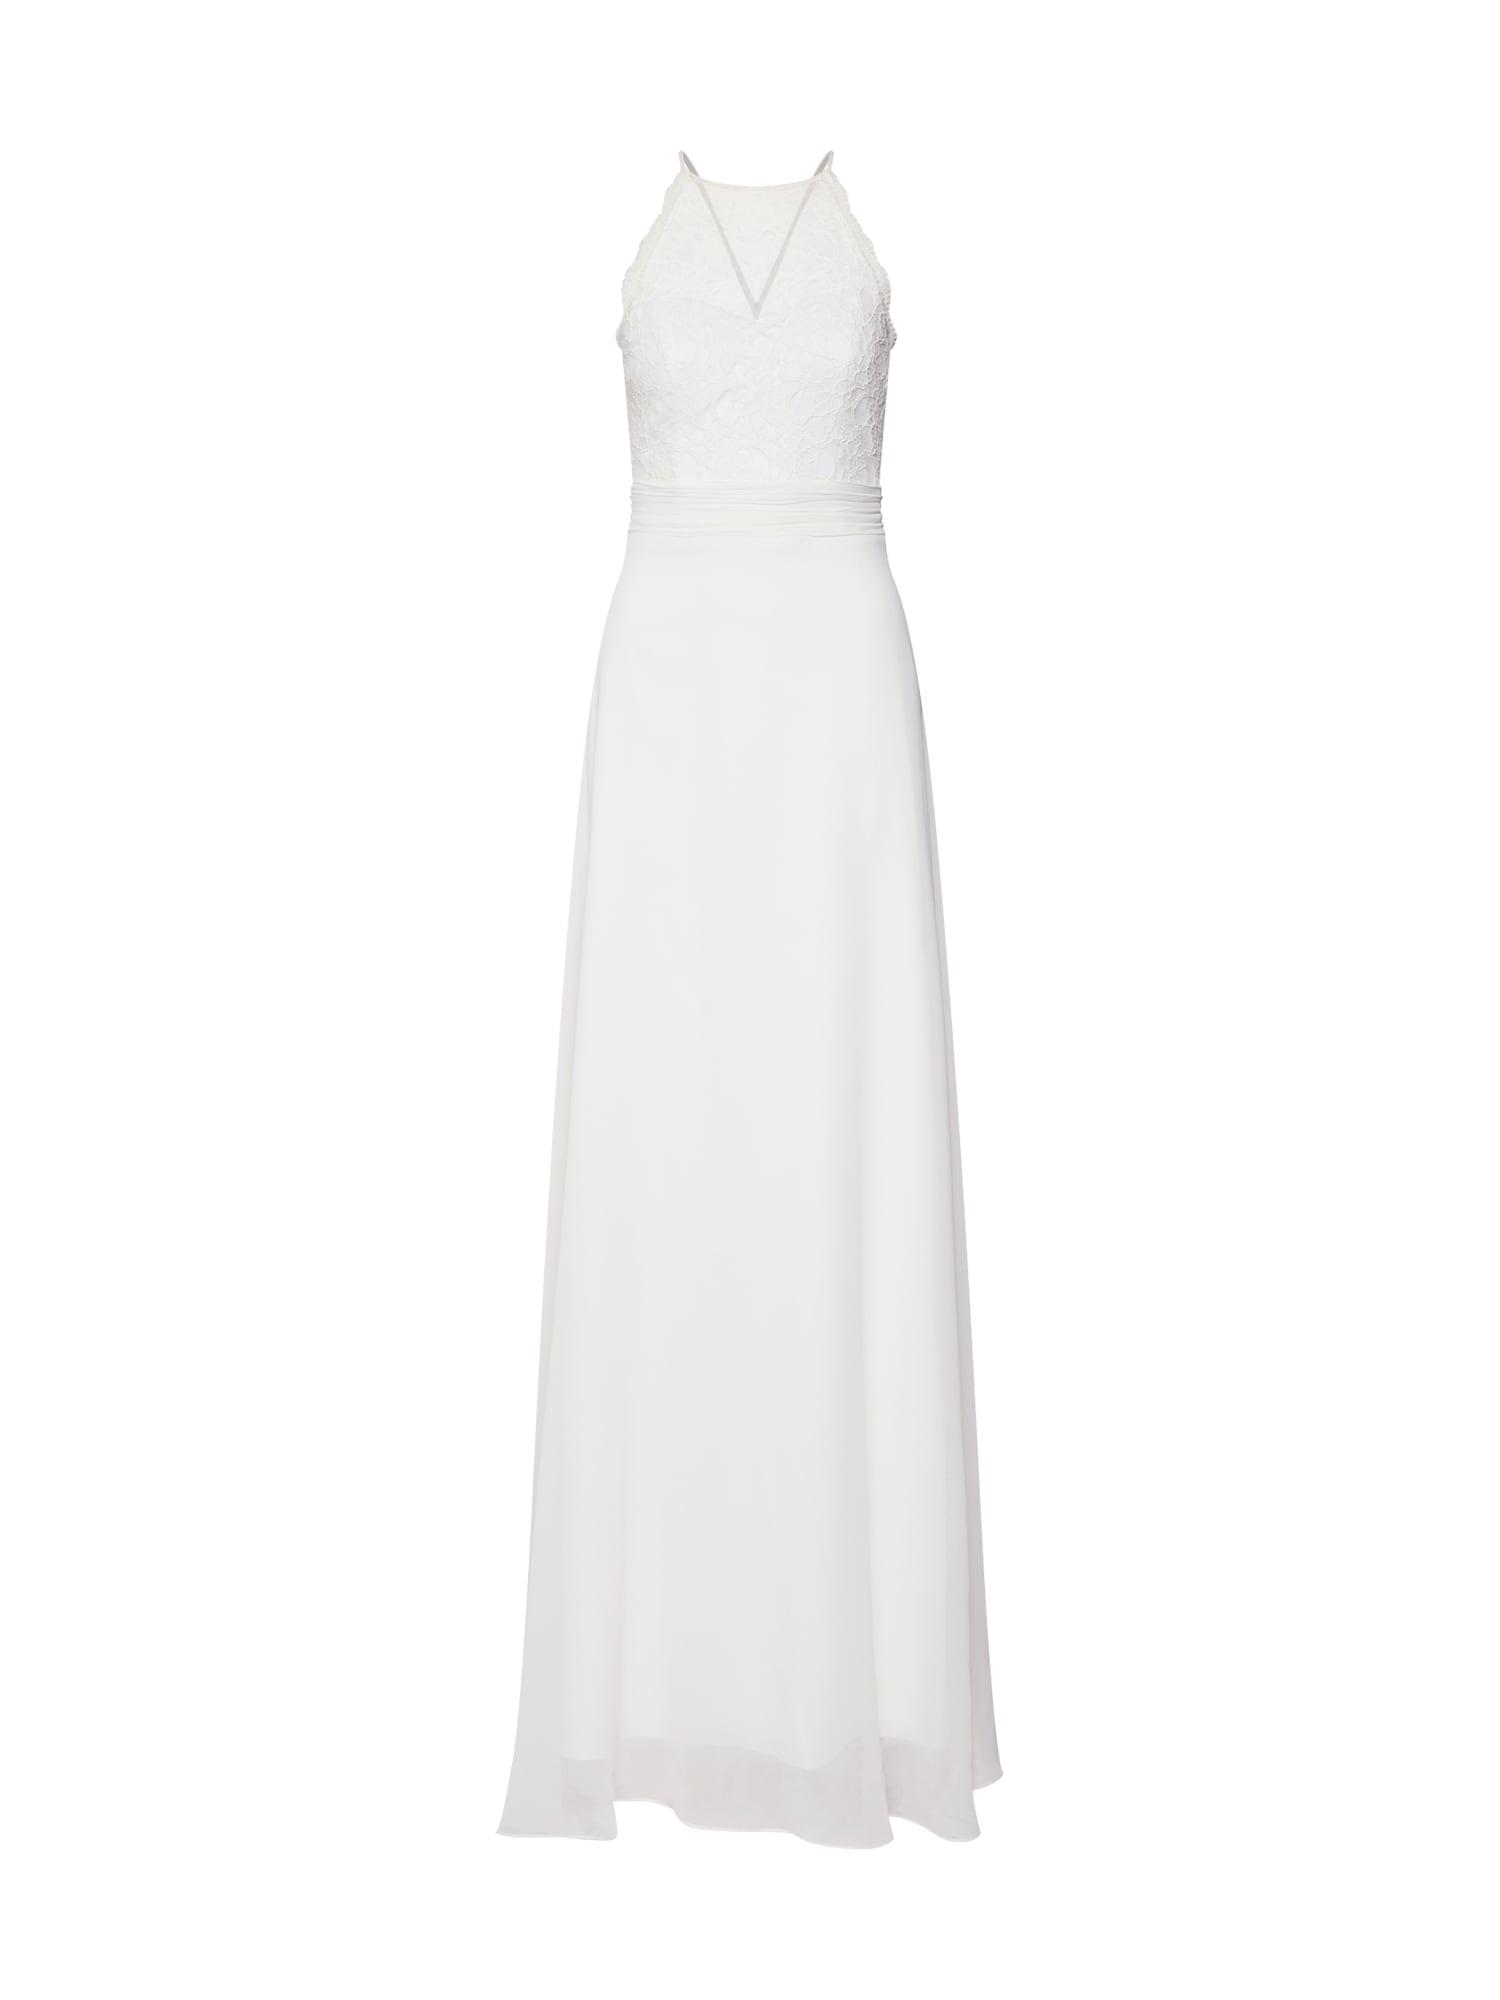 STAR NIGHT Vakarinė suknelė natūrali balta